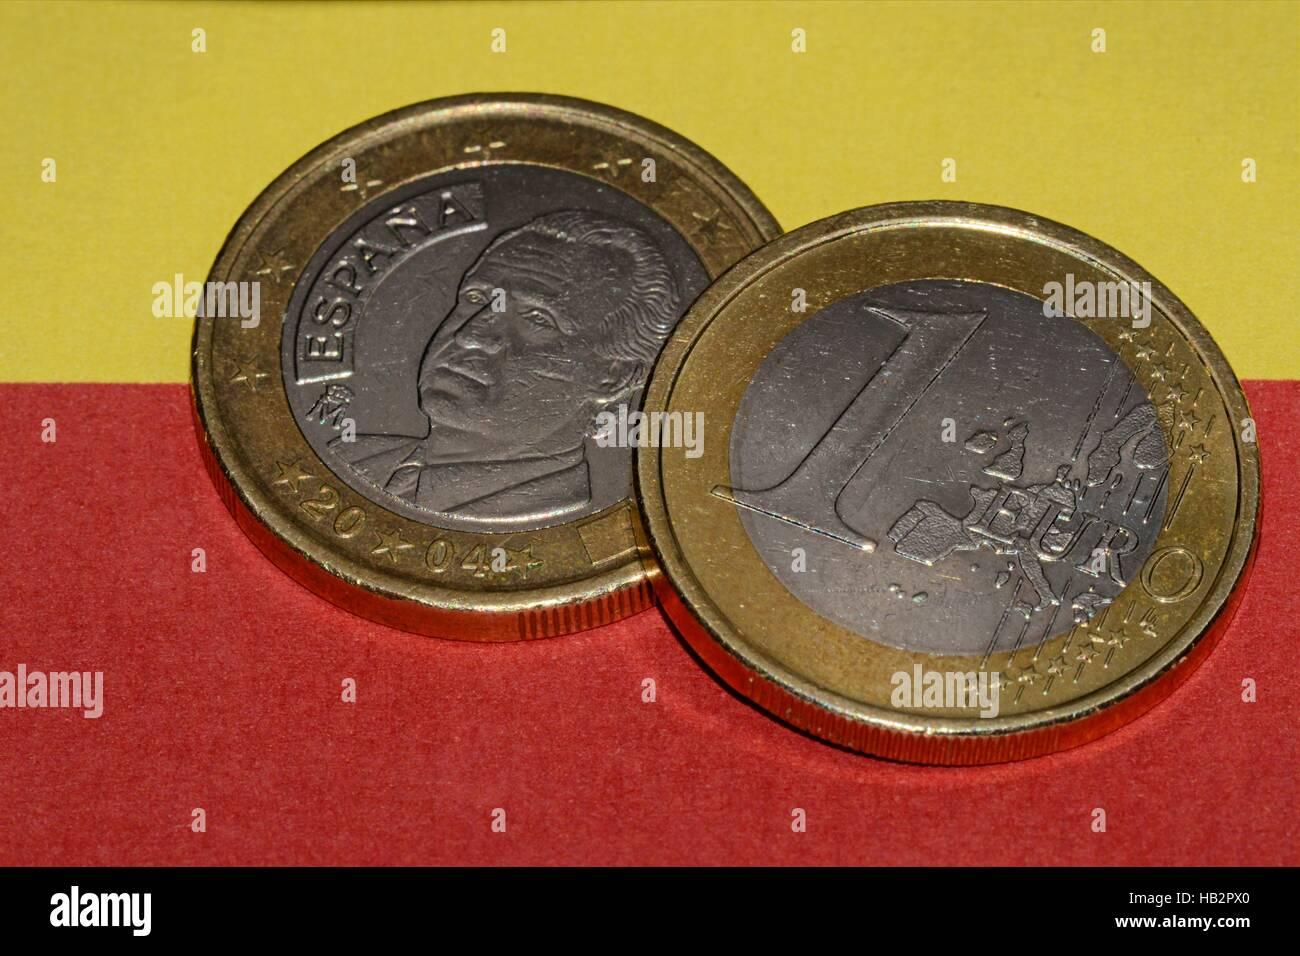 Spanisch Euro coins Stock Photo